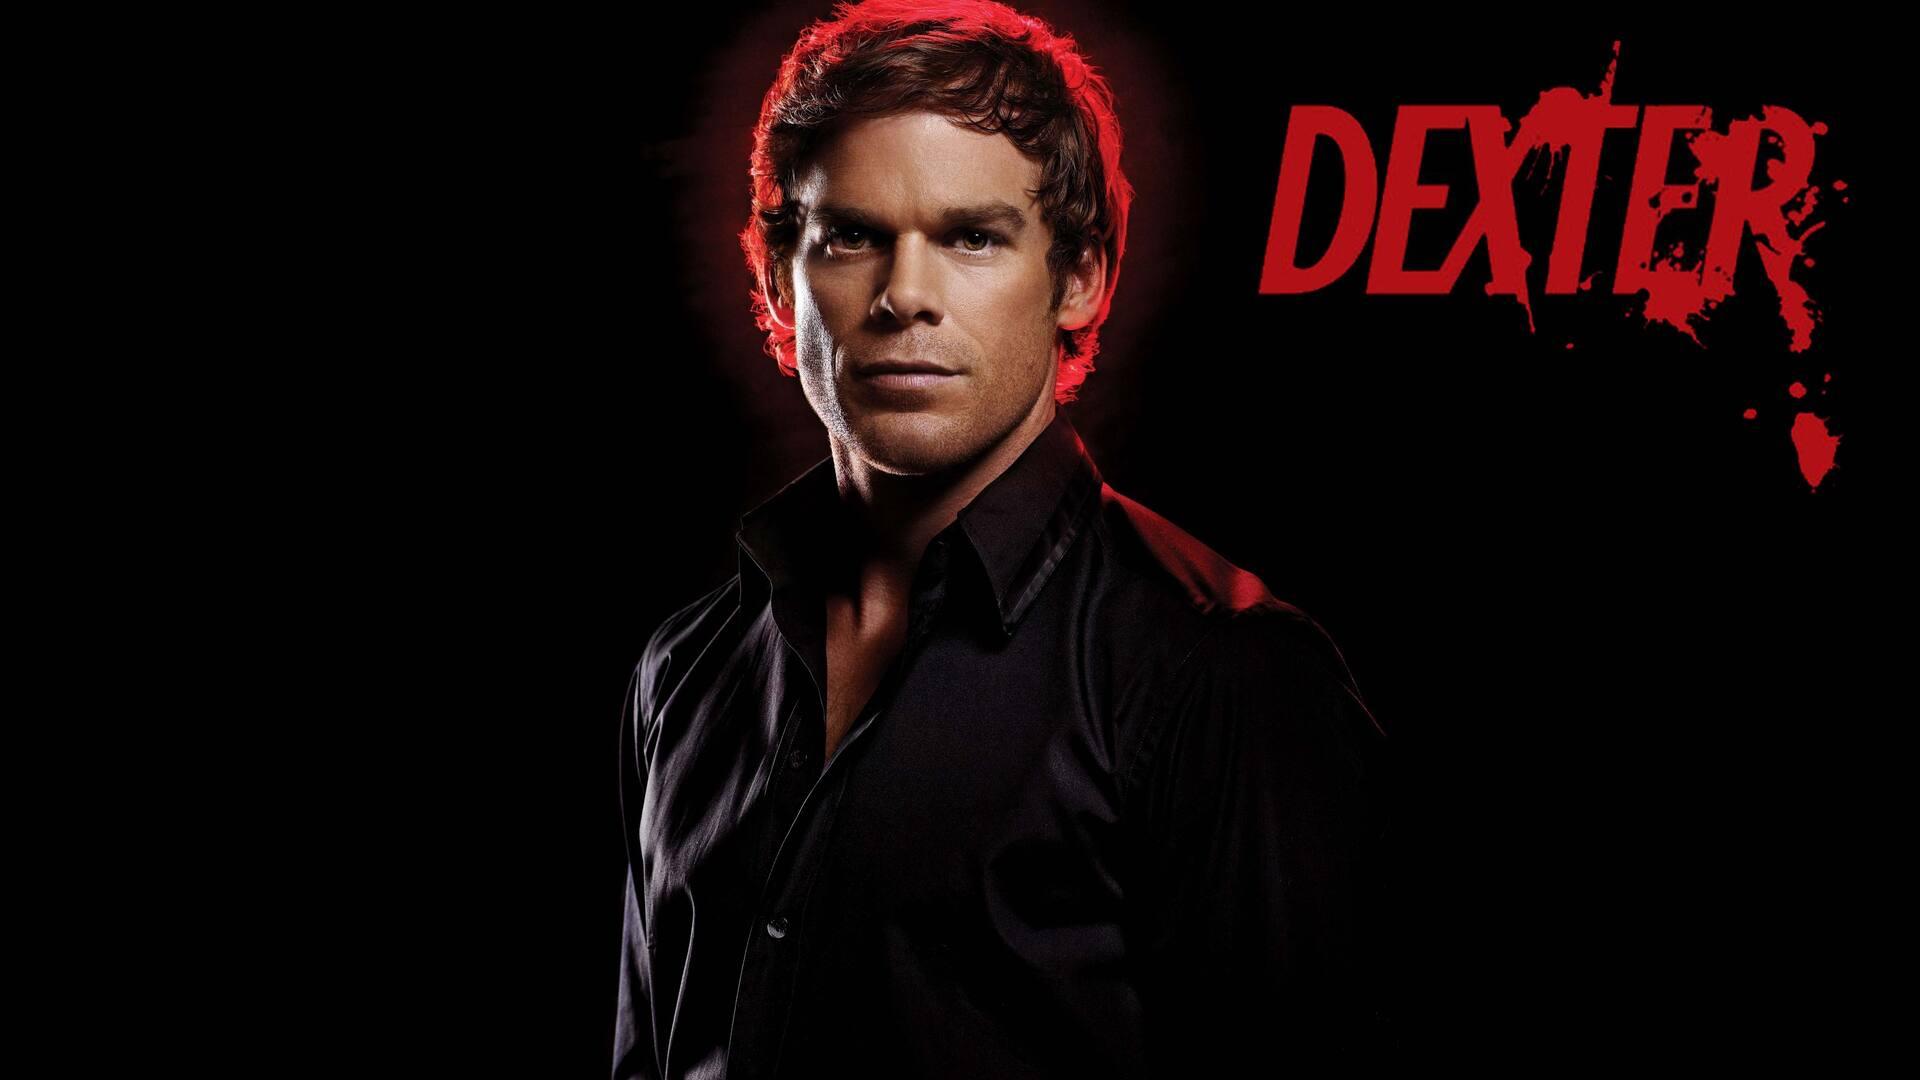 dexter 1080p download